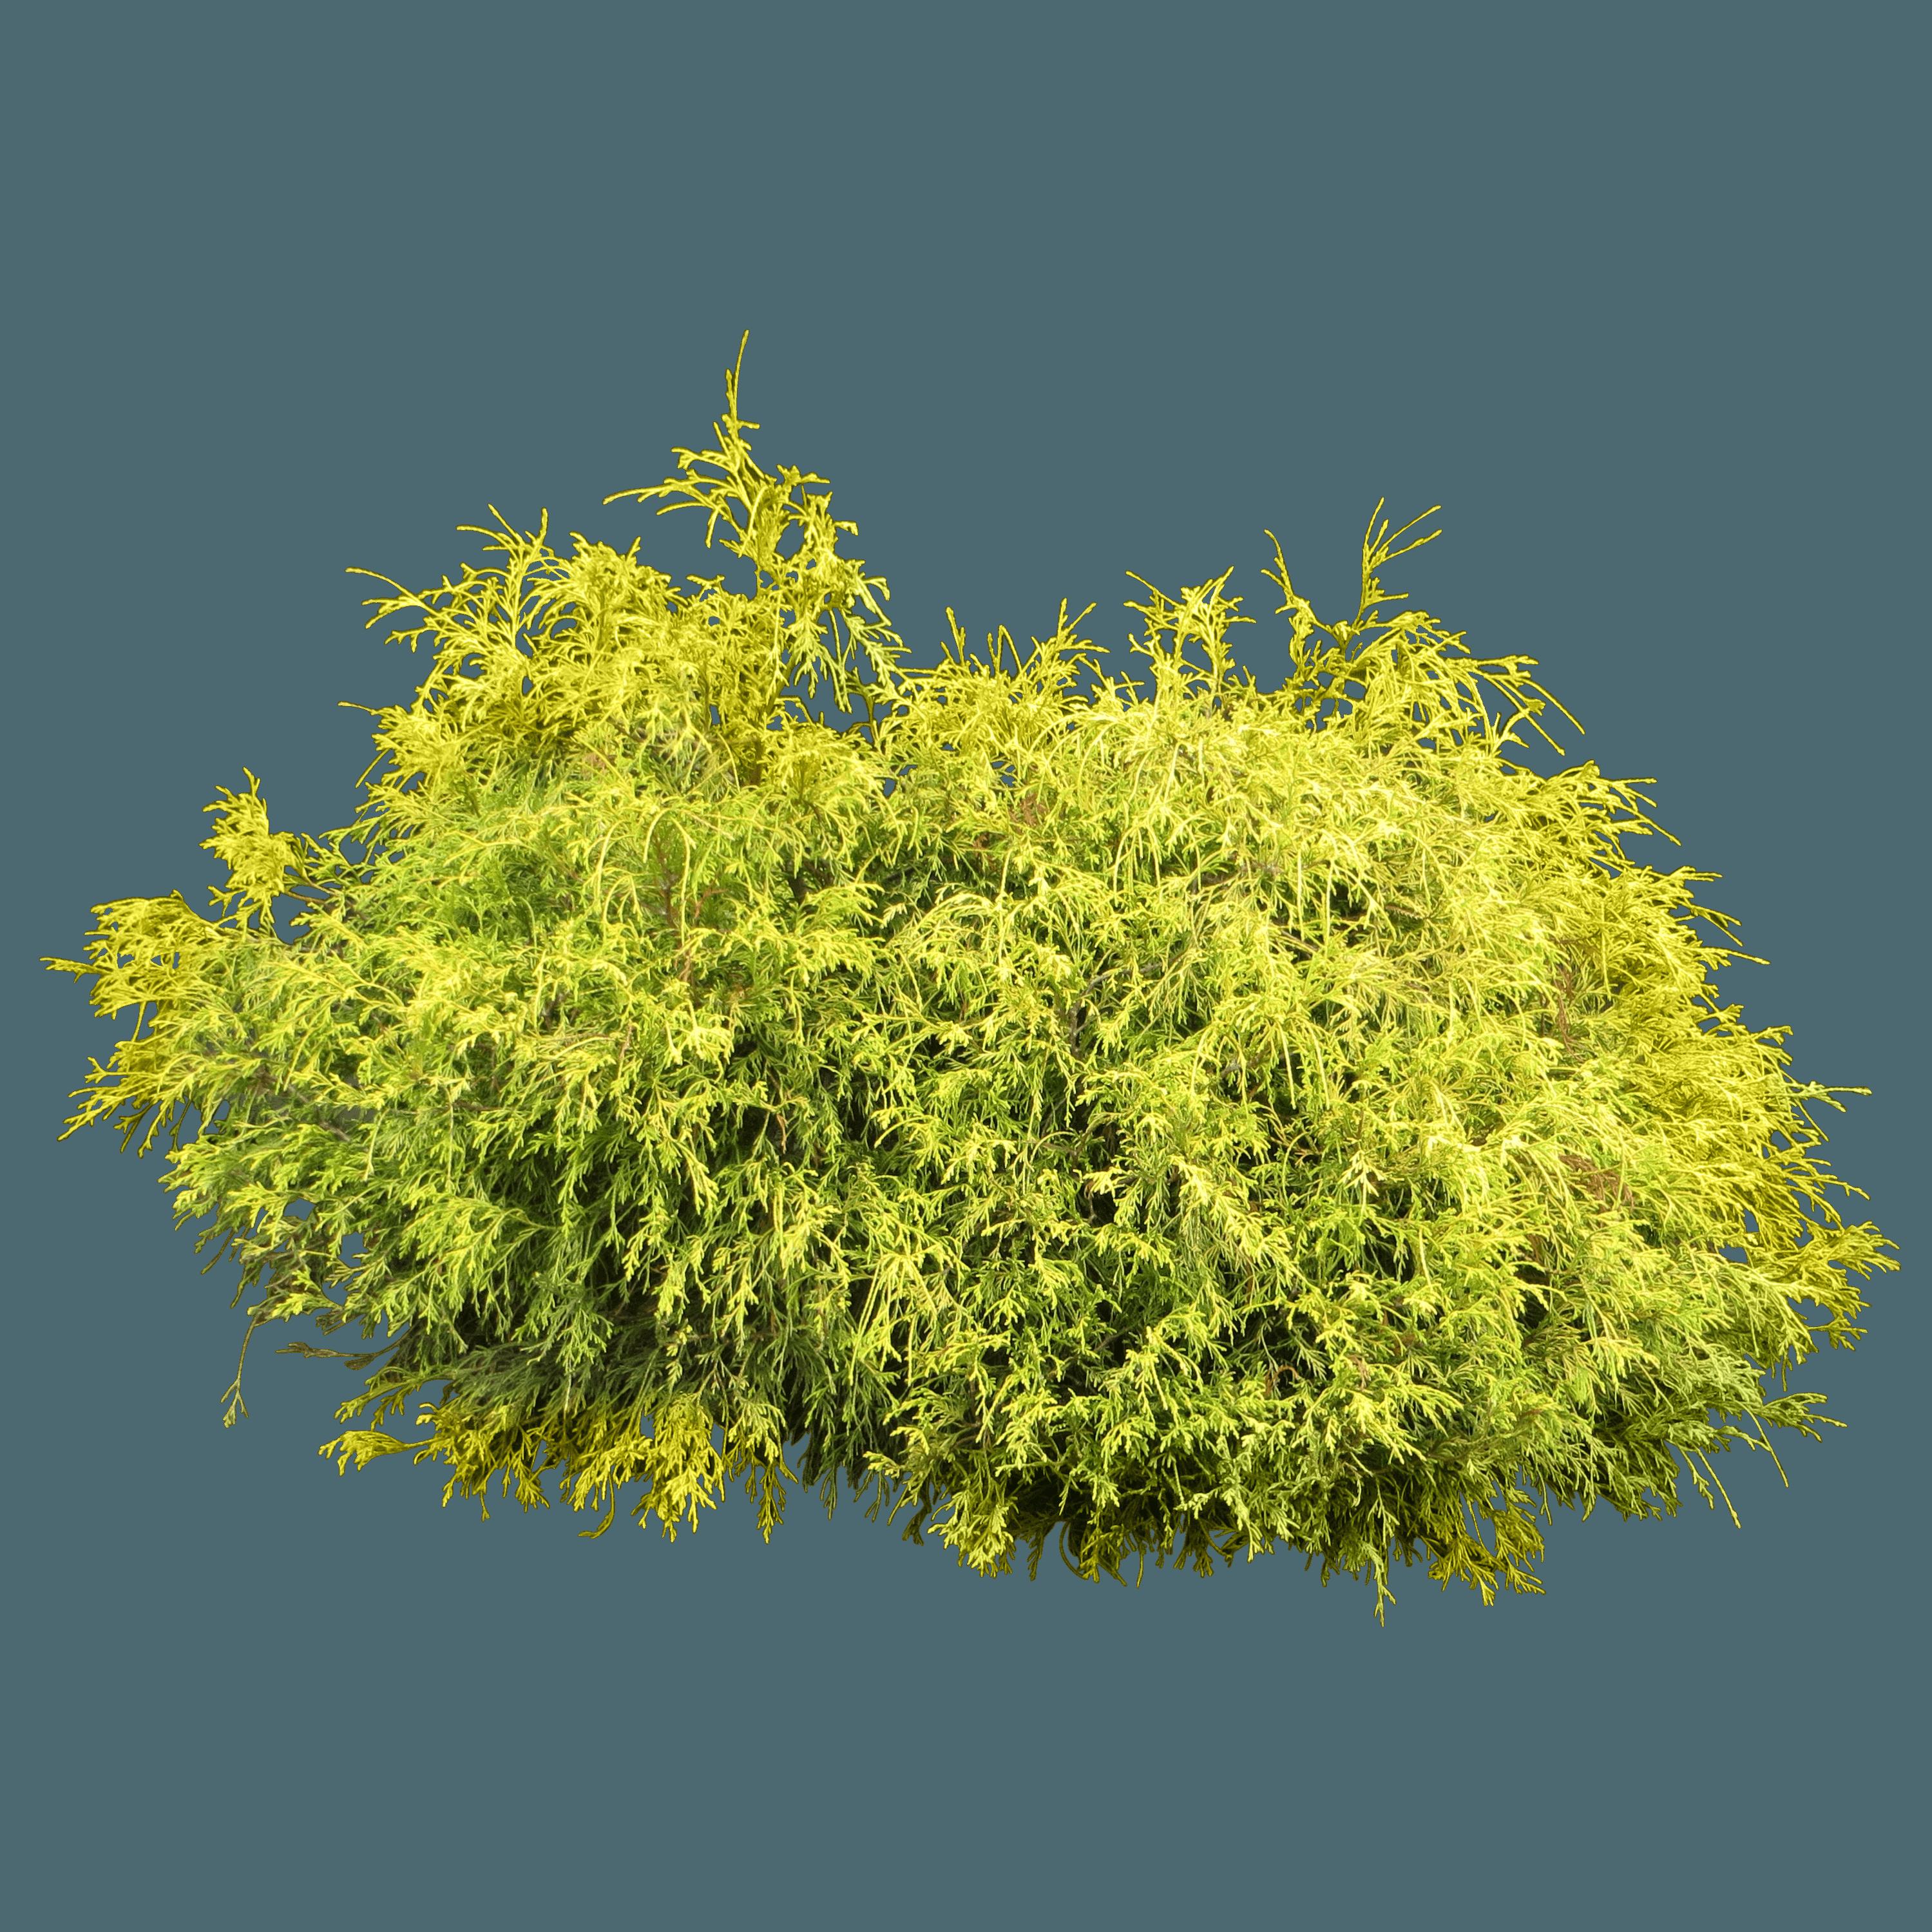 Bush PNG - 18851